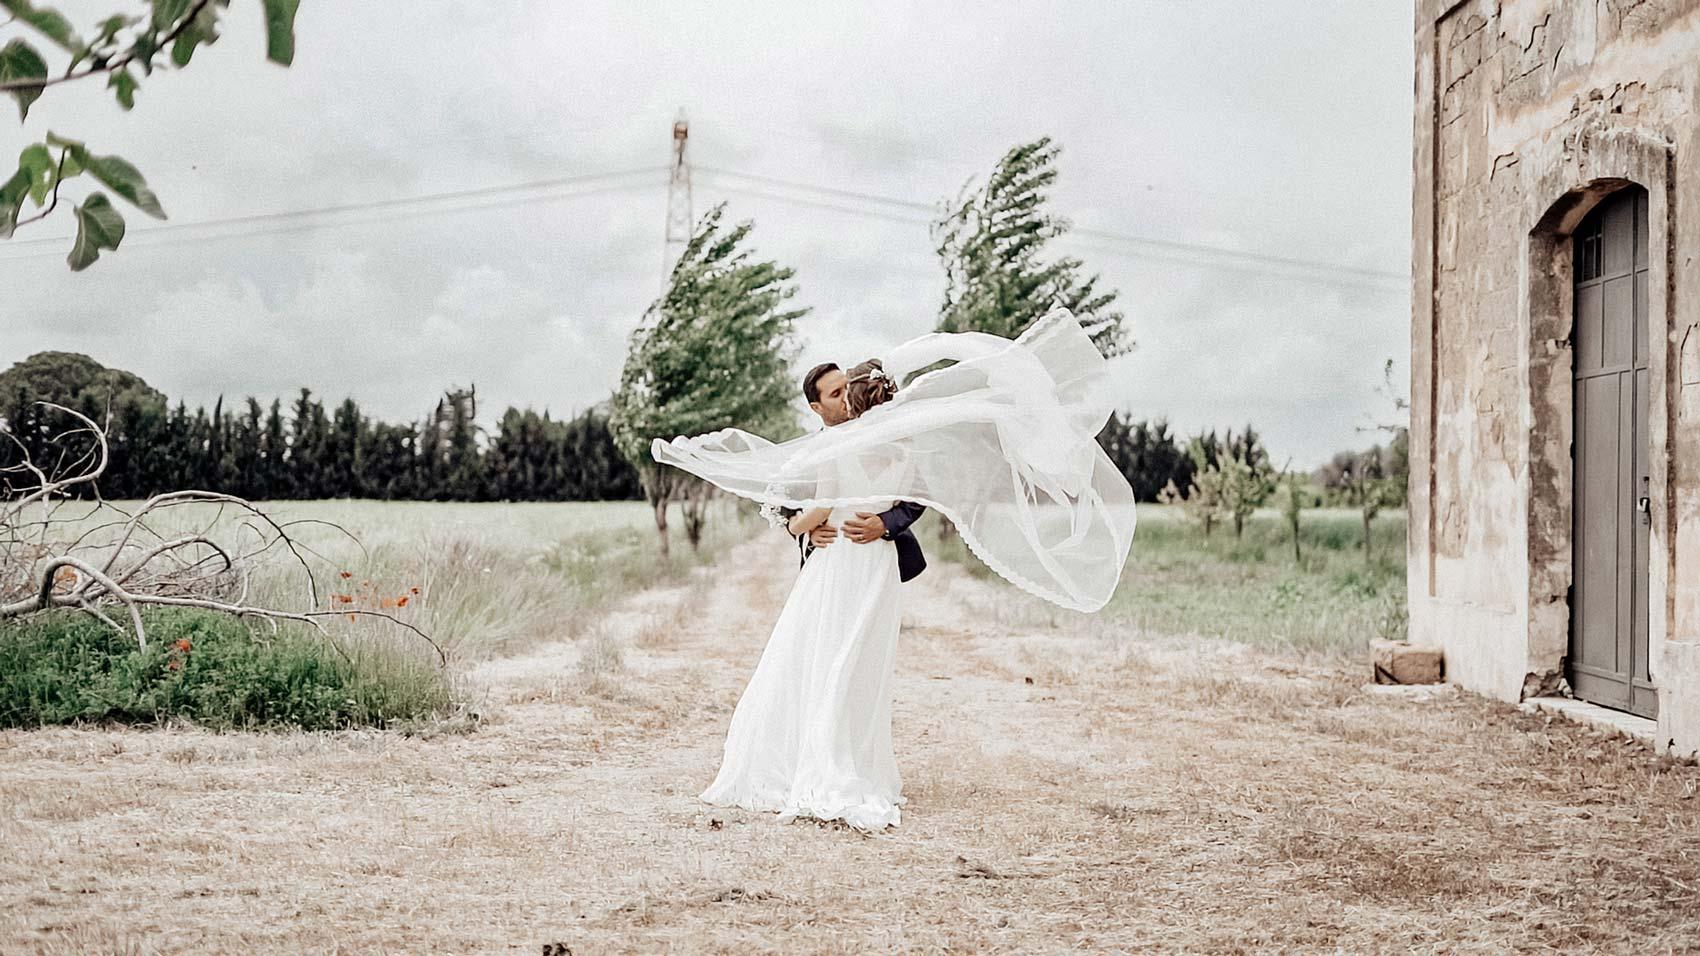 wedding videographer videografo matrimonio puglia italia films Sergio eblo